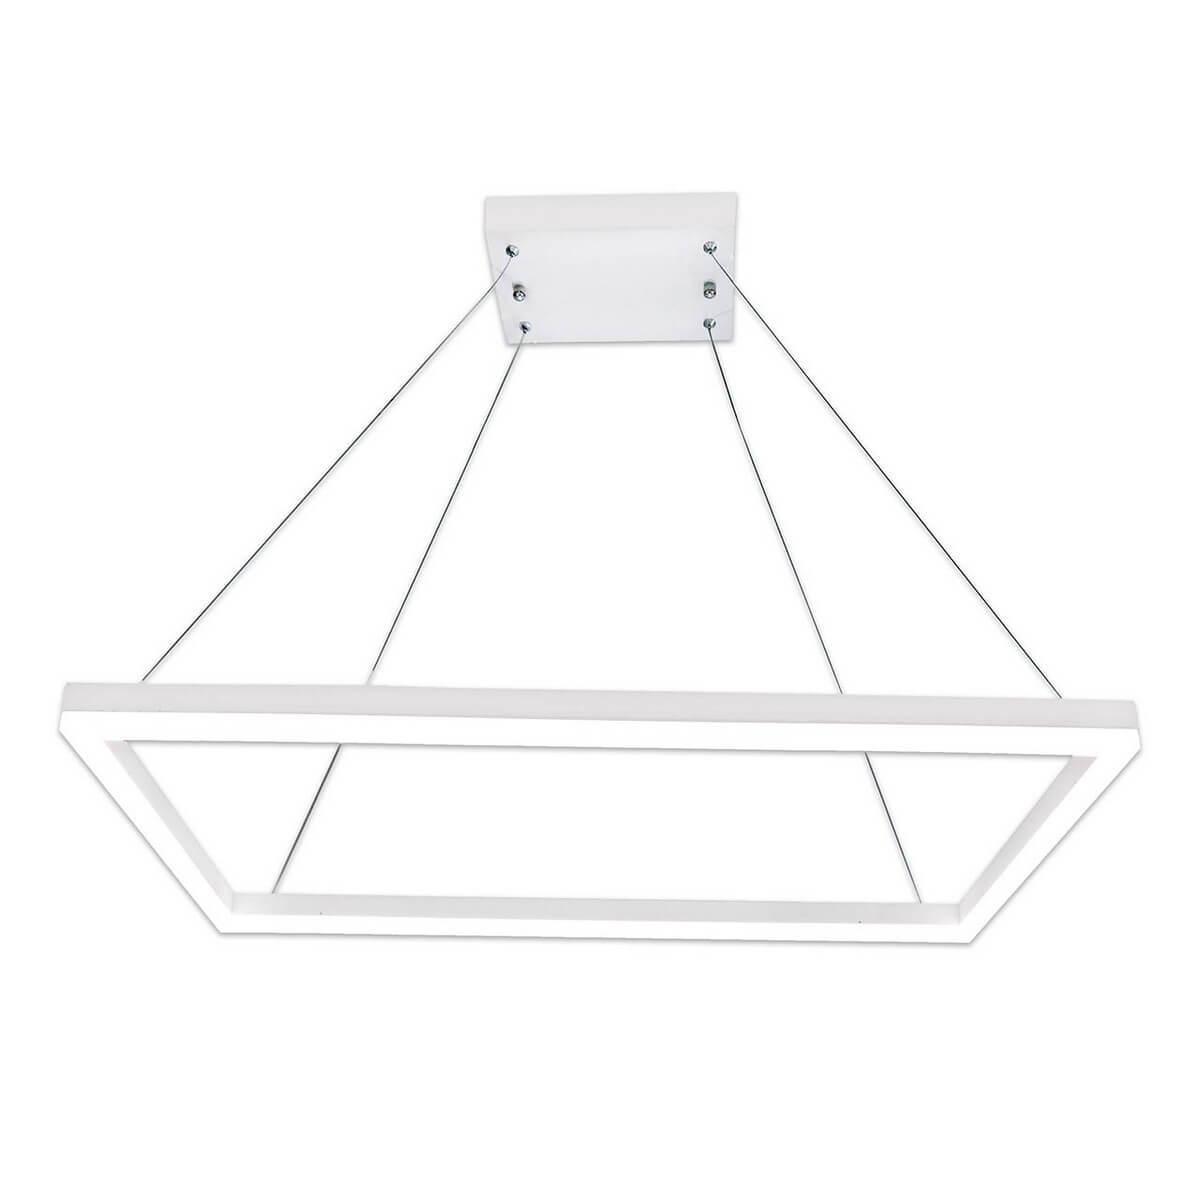 Подвесной светильник Kink Light 08210-2,01(4000K), LED, 40 Вт kink light подвесной светодиодный светильник kink light парете 08725 2